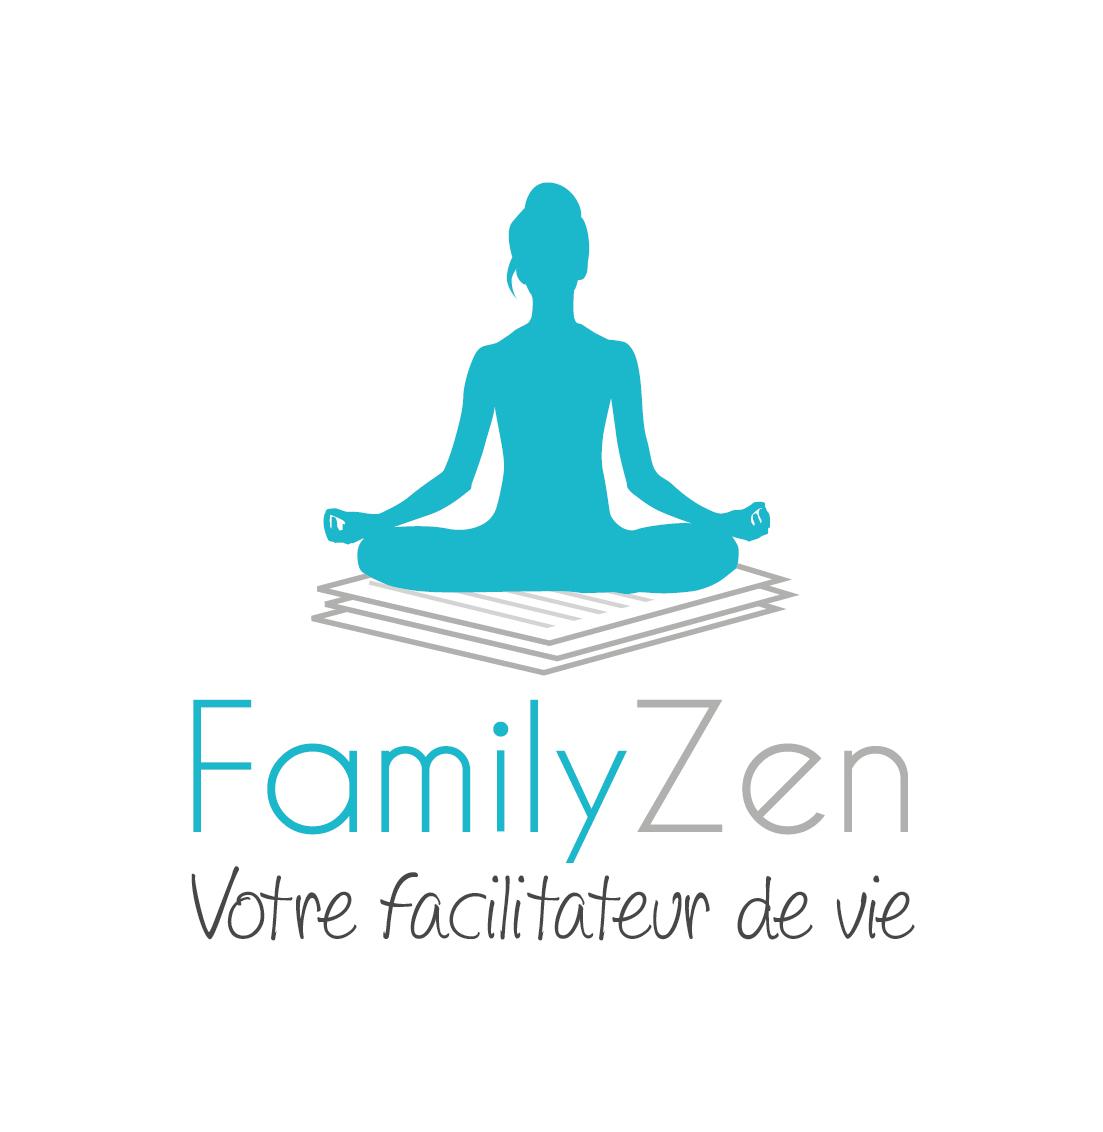 FamilyZen